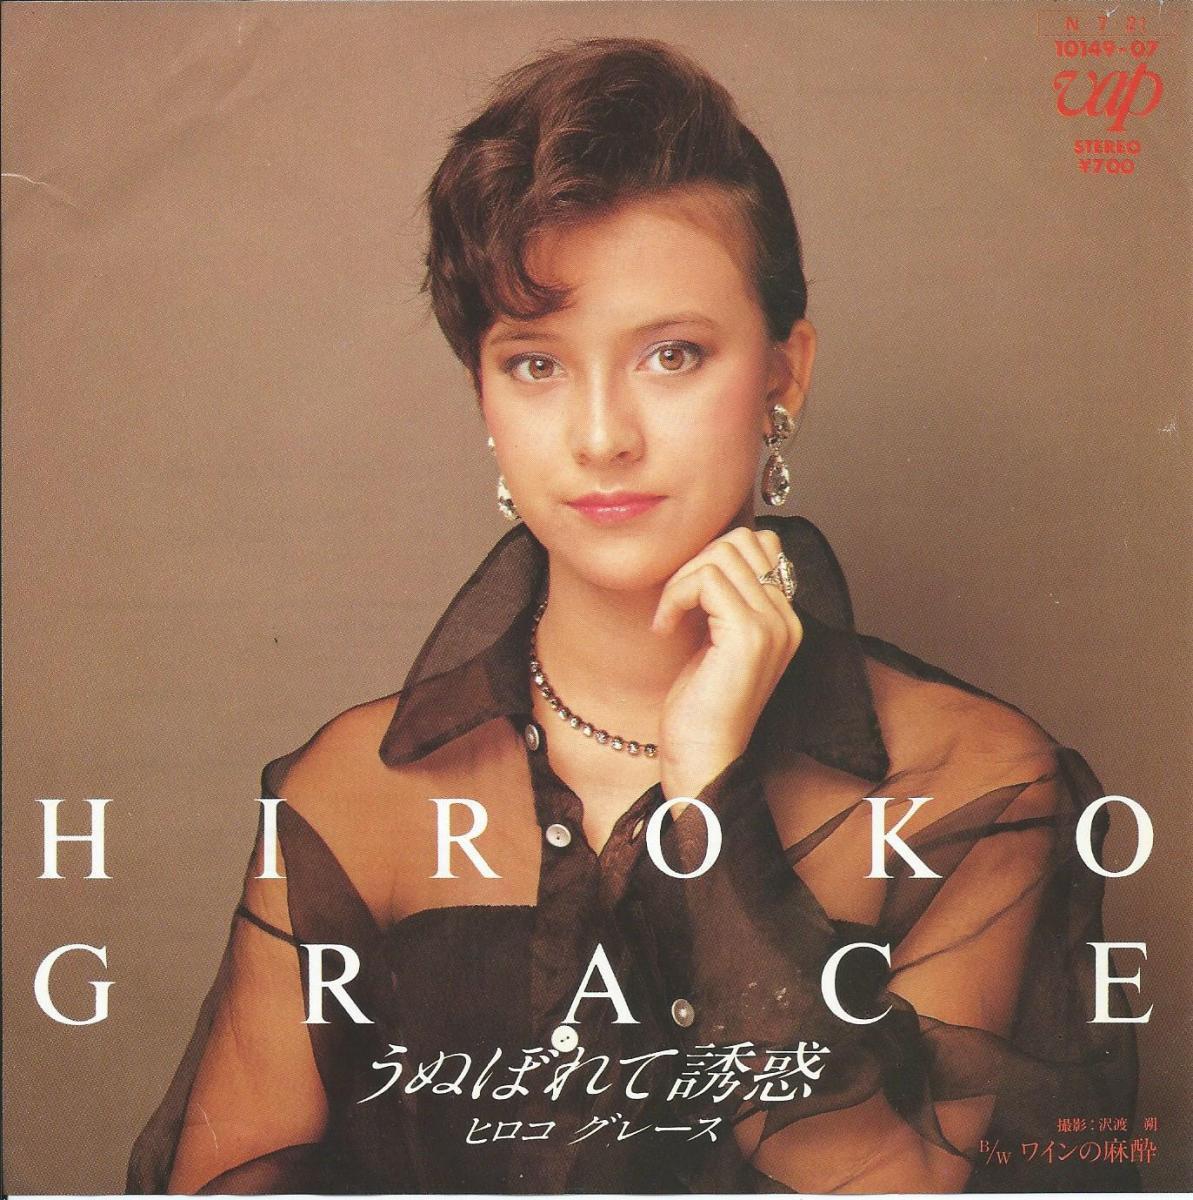 ヒロコ・グレースの画像 p1_26